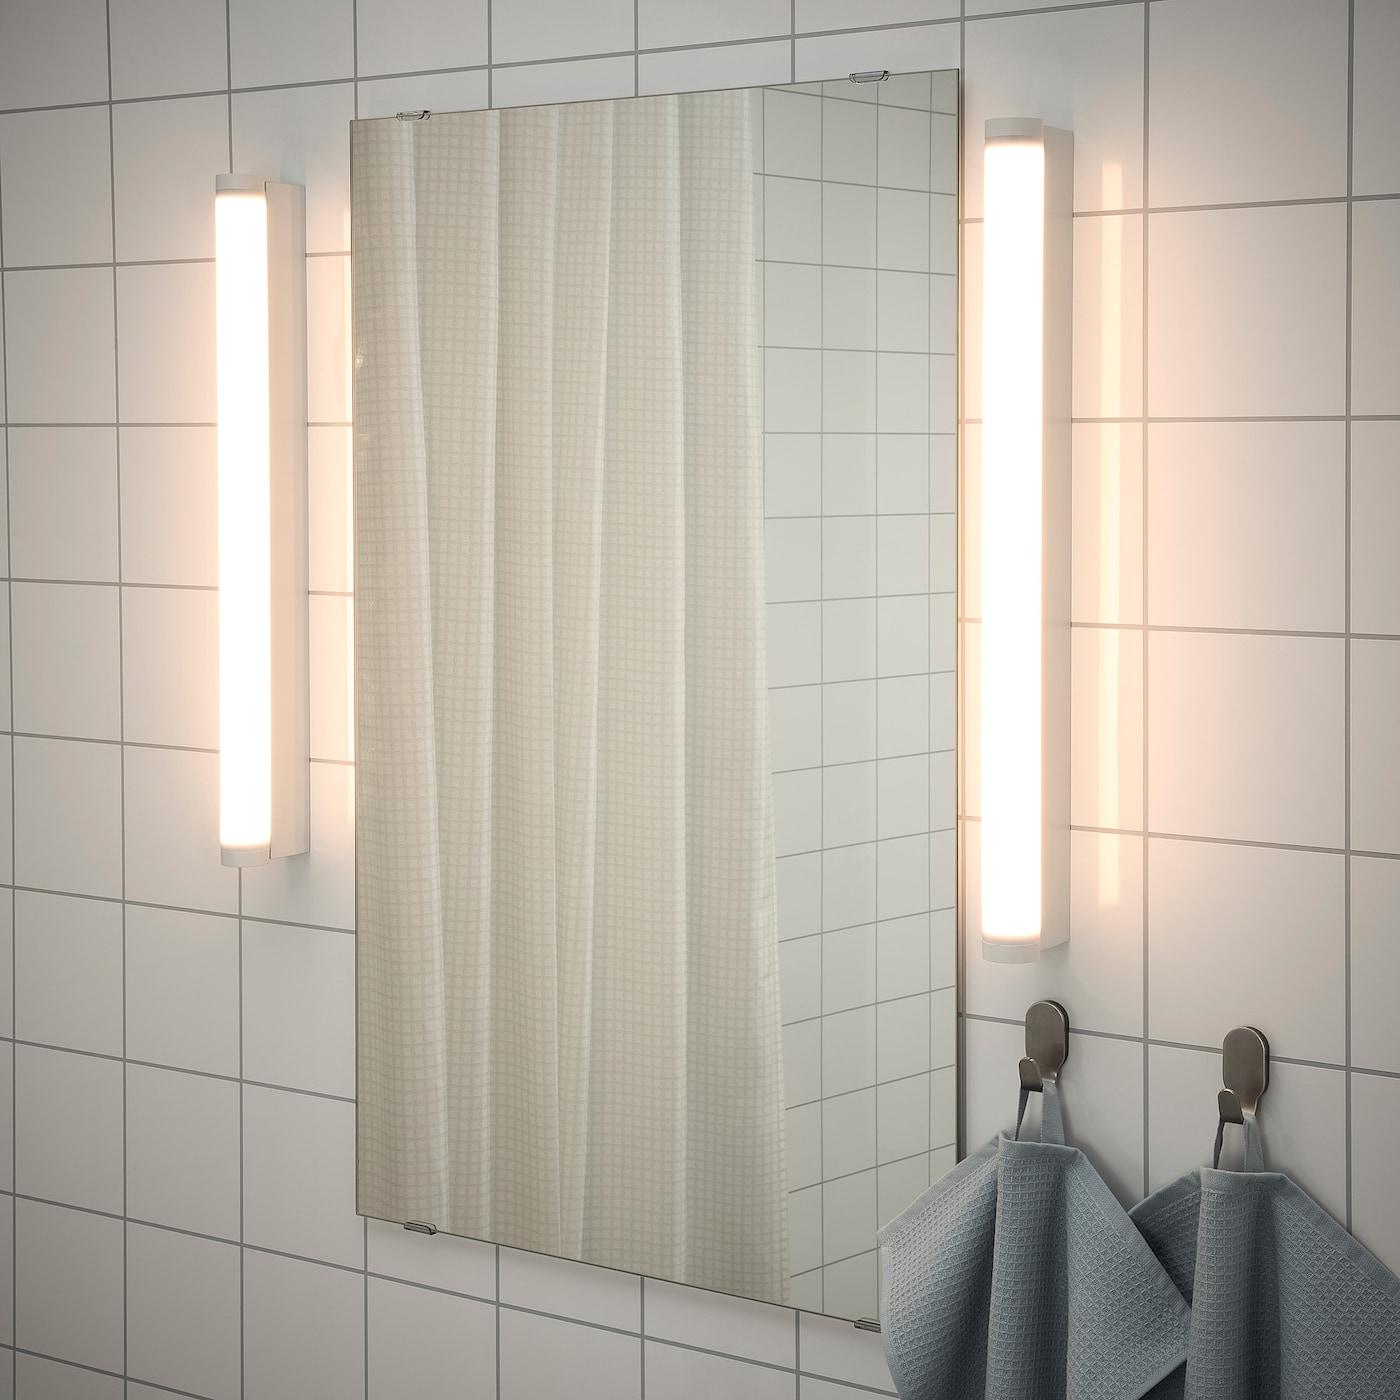 RAKSTA Wand /Spiegelleuchte, LED   weiß 20 cm